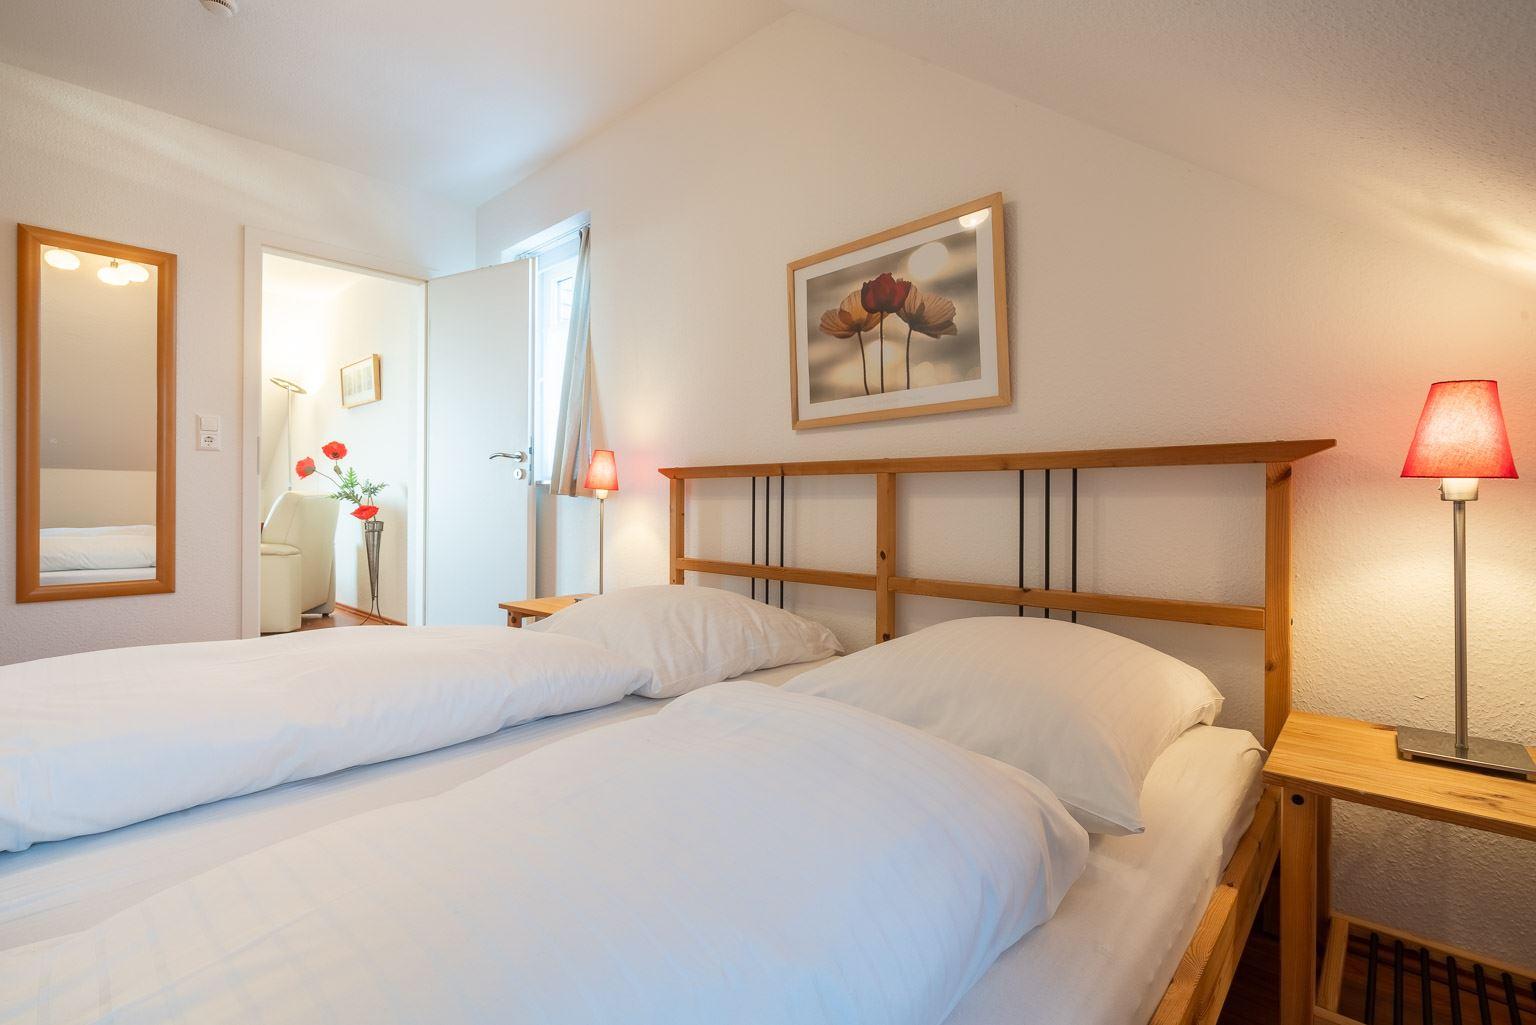 """Haus Zum Böhler Strand 10, Wohnung 11 """"Barghahn"""" (ID 365) - 1. Schlafzimmer"""